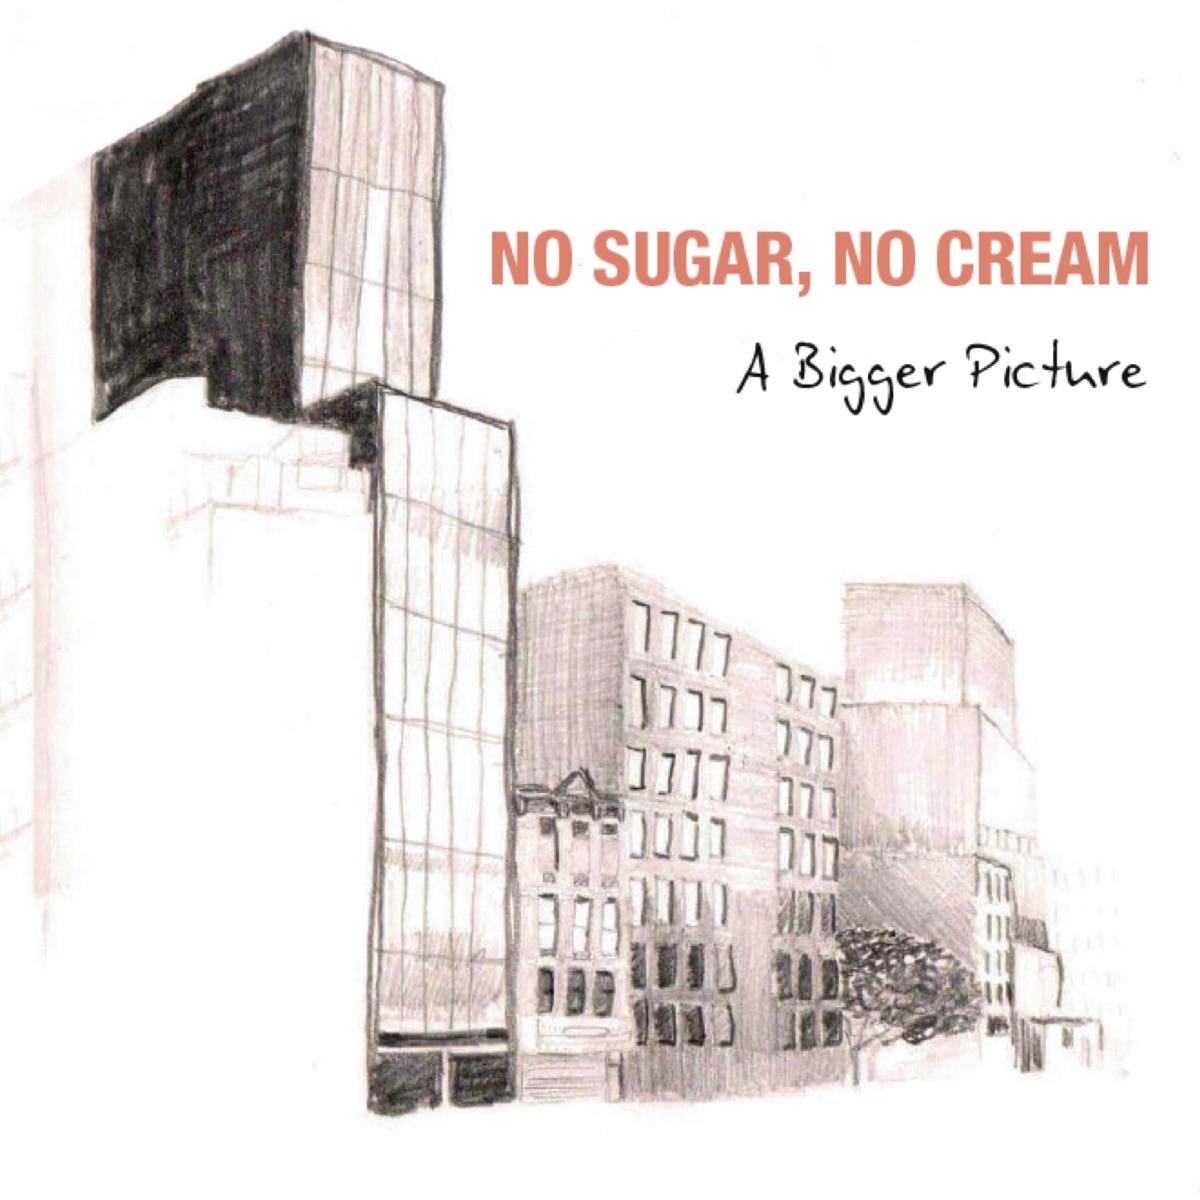 A Bigger Picture No Sugar No Cream CD cover